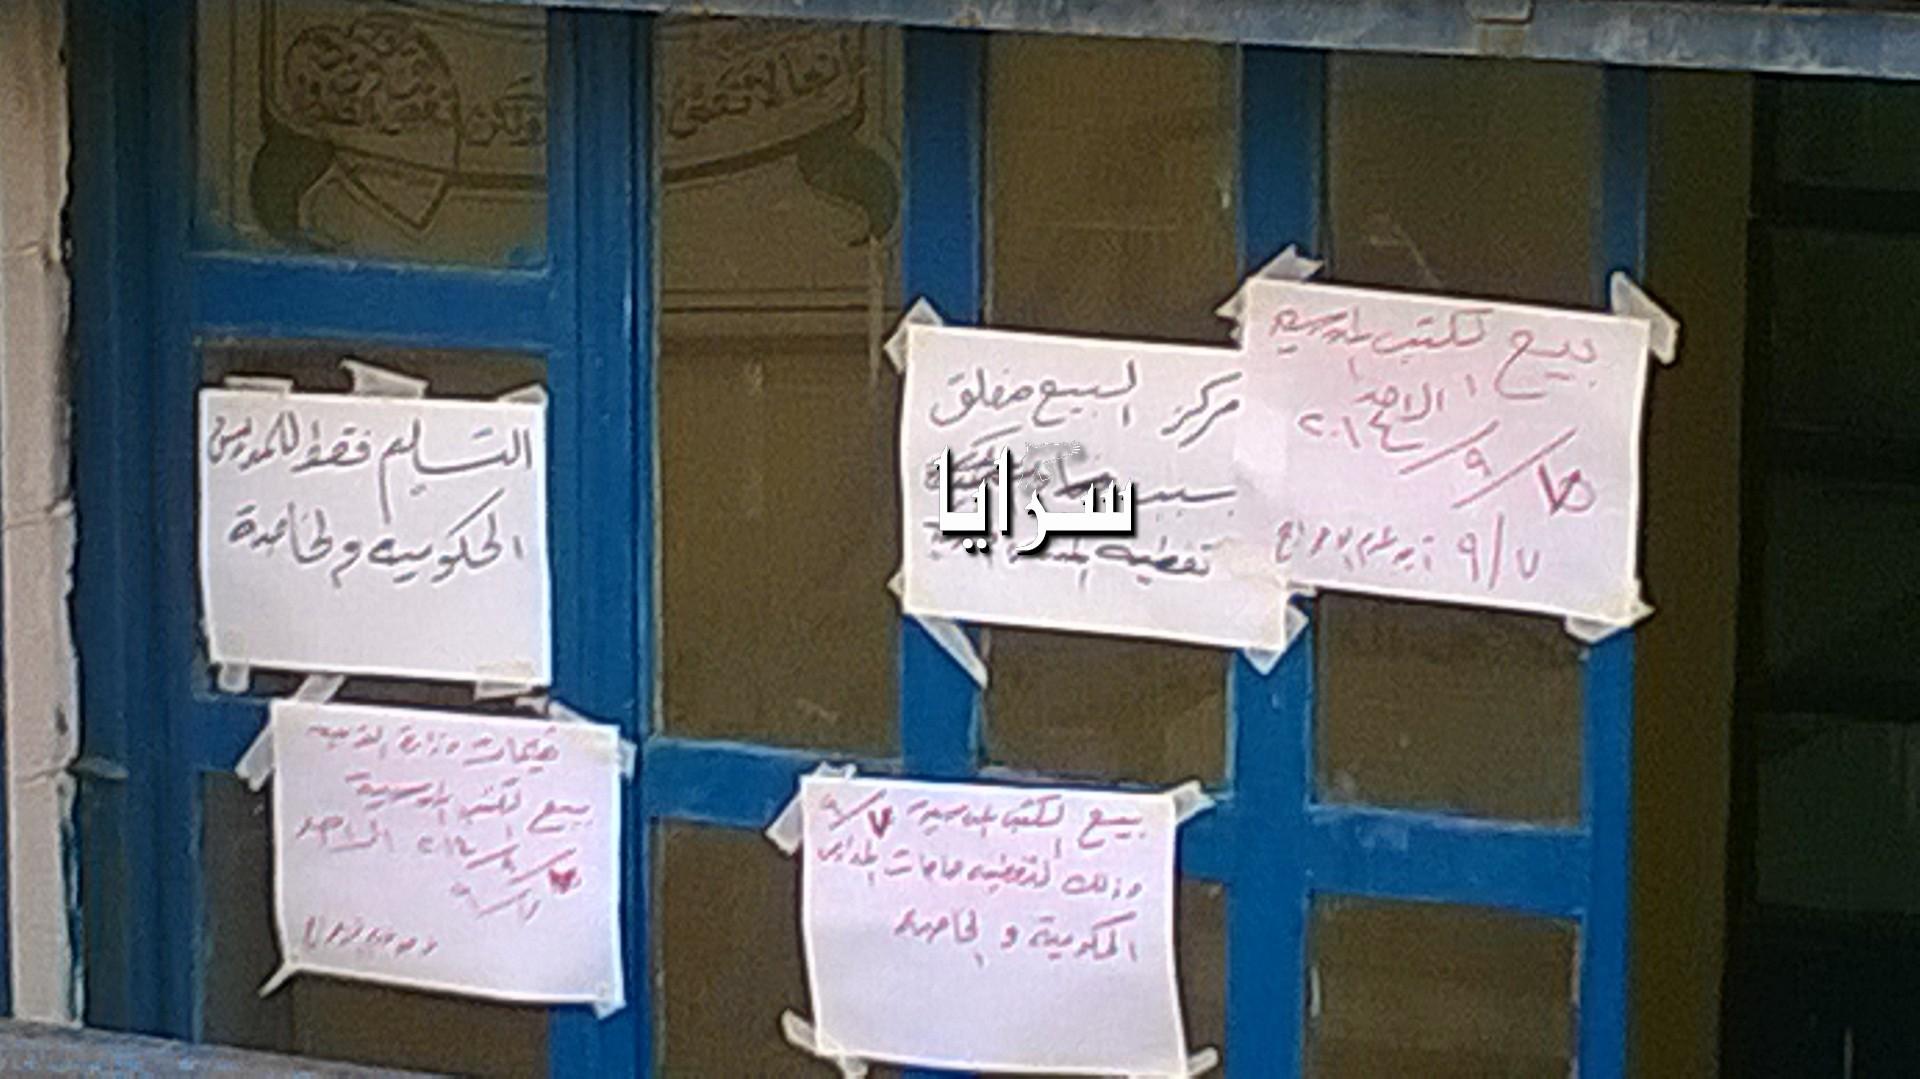 """أهالي يشكون رفع المدارس الخاصة لأسعار الكتب ...و التربية تمتنع عن بيع الكتب قبل   الـ(7) من الشهر الجاري """"صورة"""""""